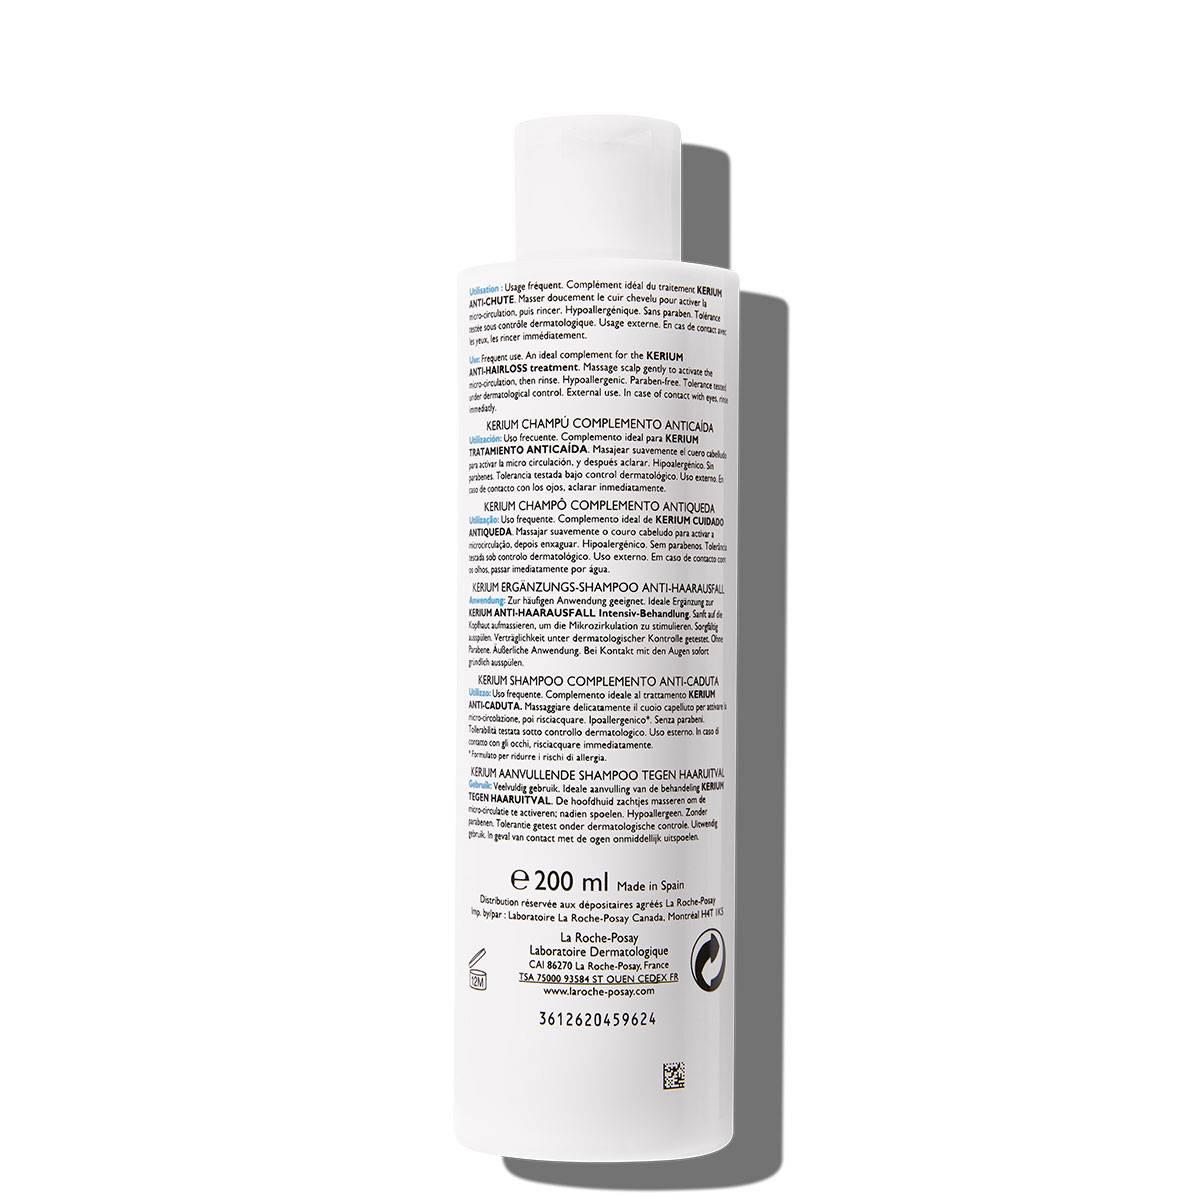 La Roche Posay ProductPage Kerium Anti Hairloss Shampoo 200ml 33378724